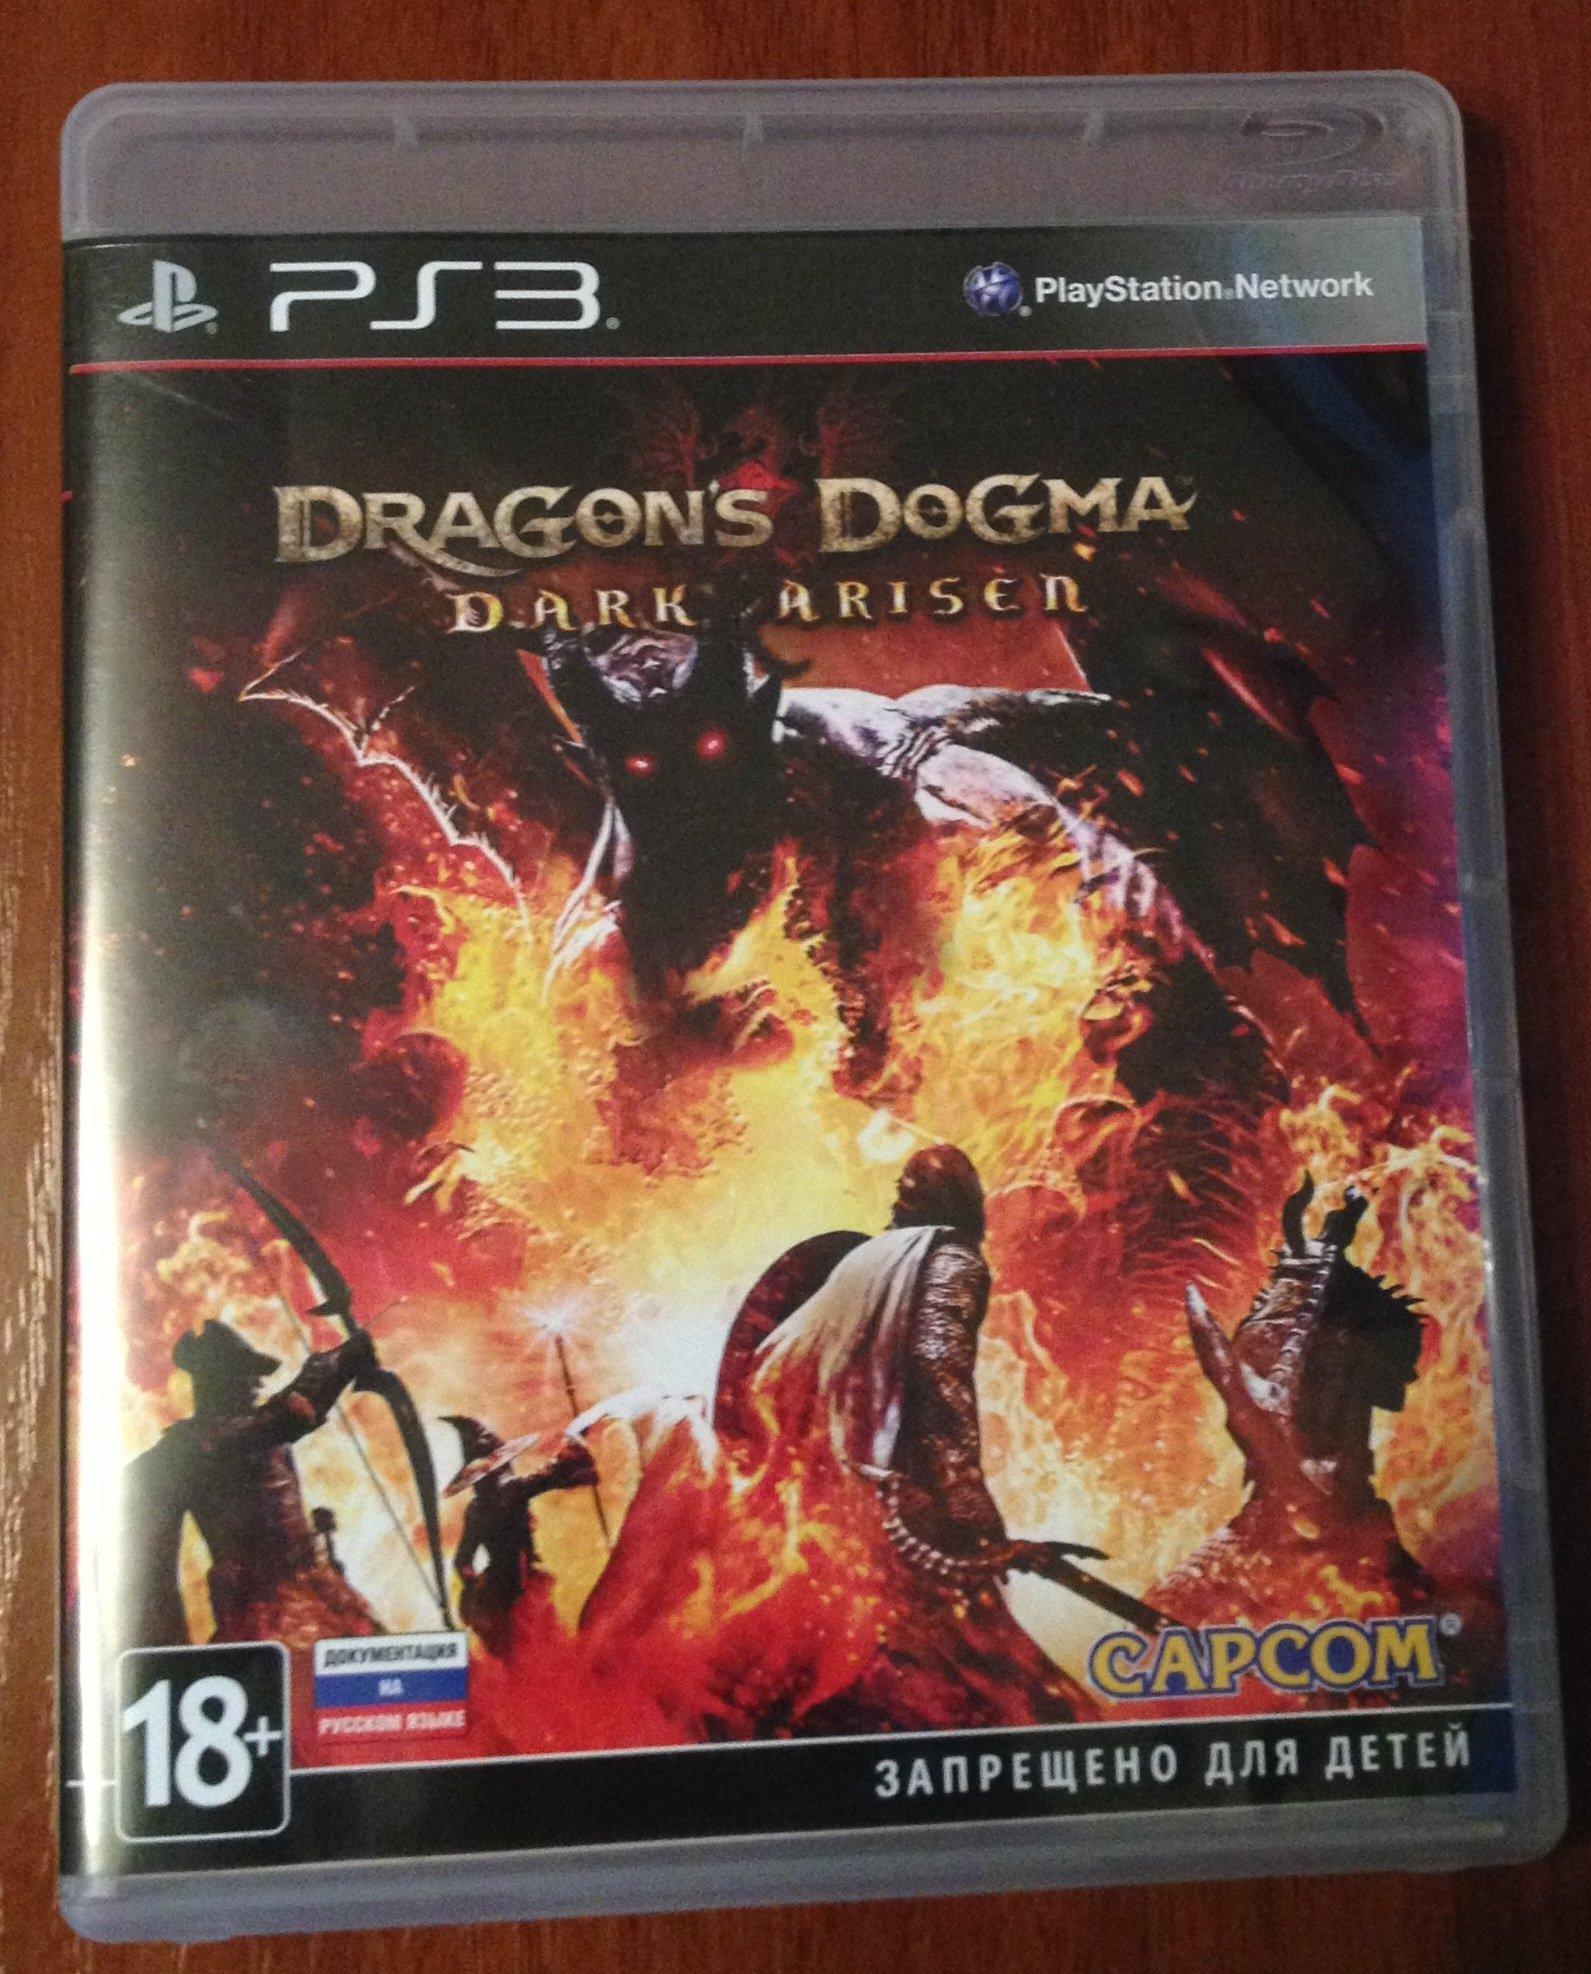 A wild Dragon-s Dogma: DA suddenly appears!Наконец-то вышла, теперь можно адски поиграть!#capcom - Изображение 1